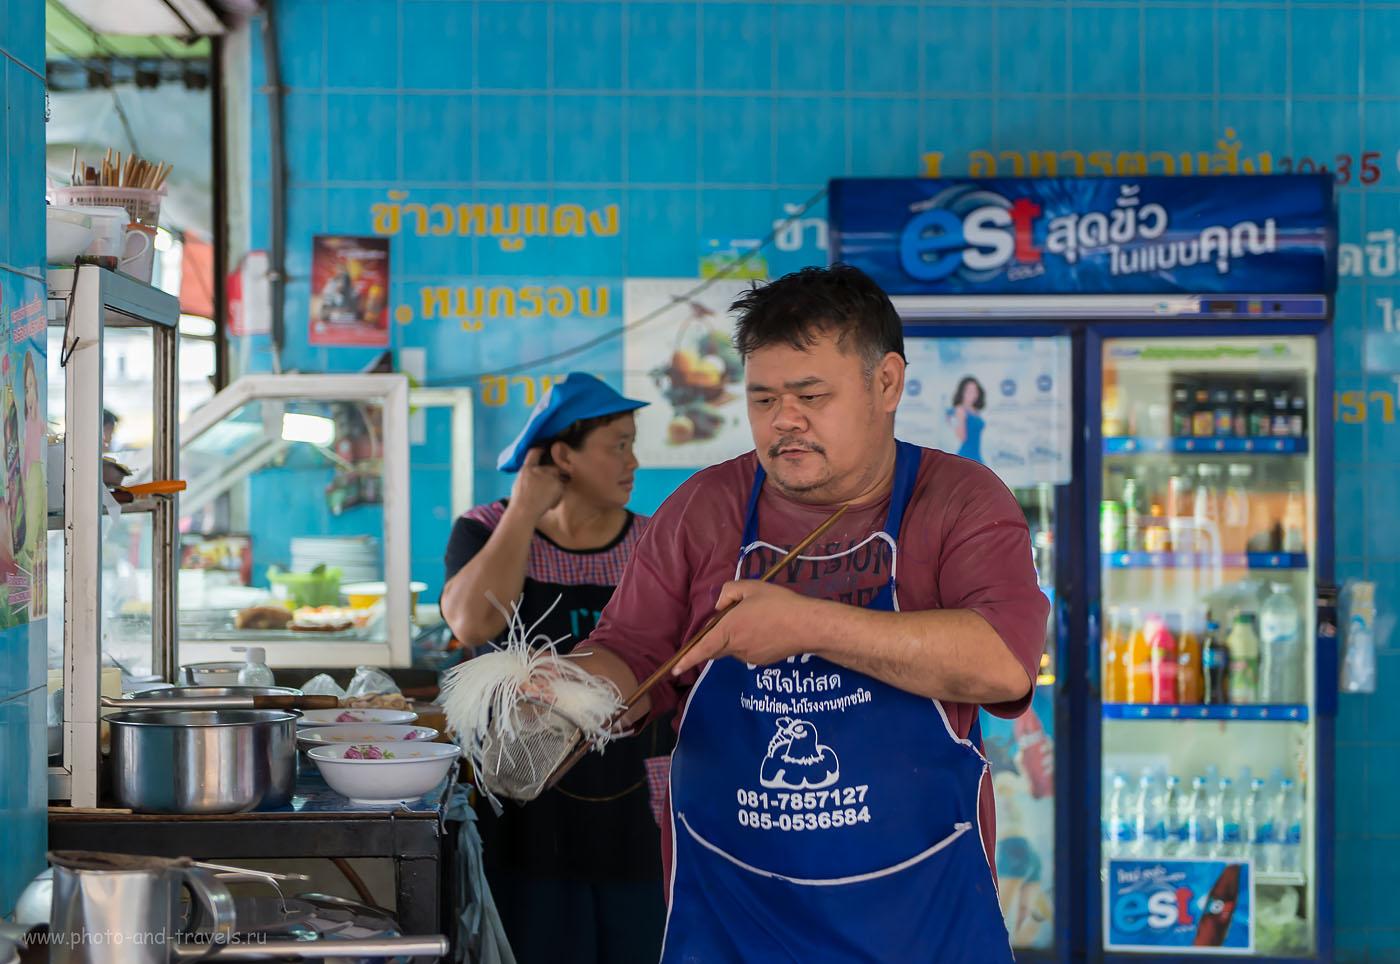 Фото 1. Будет вам и суп с лапшой, и омлет... Кафе на автовокзале города Пхитсанулок, через который мы добирались в исторический парк Сукхотаи.